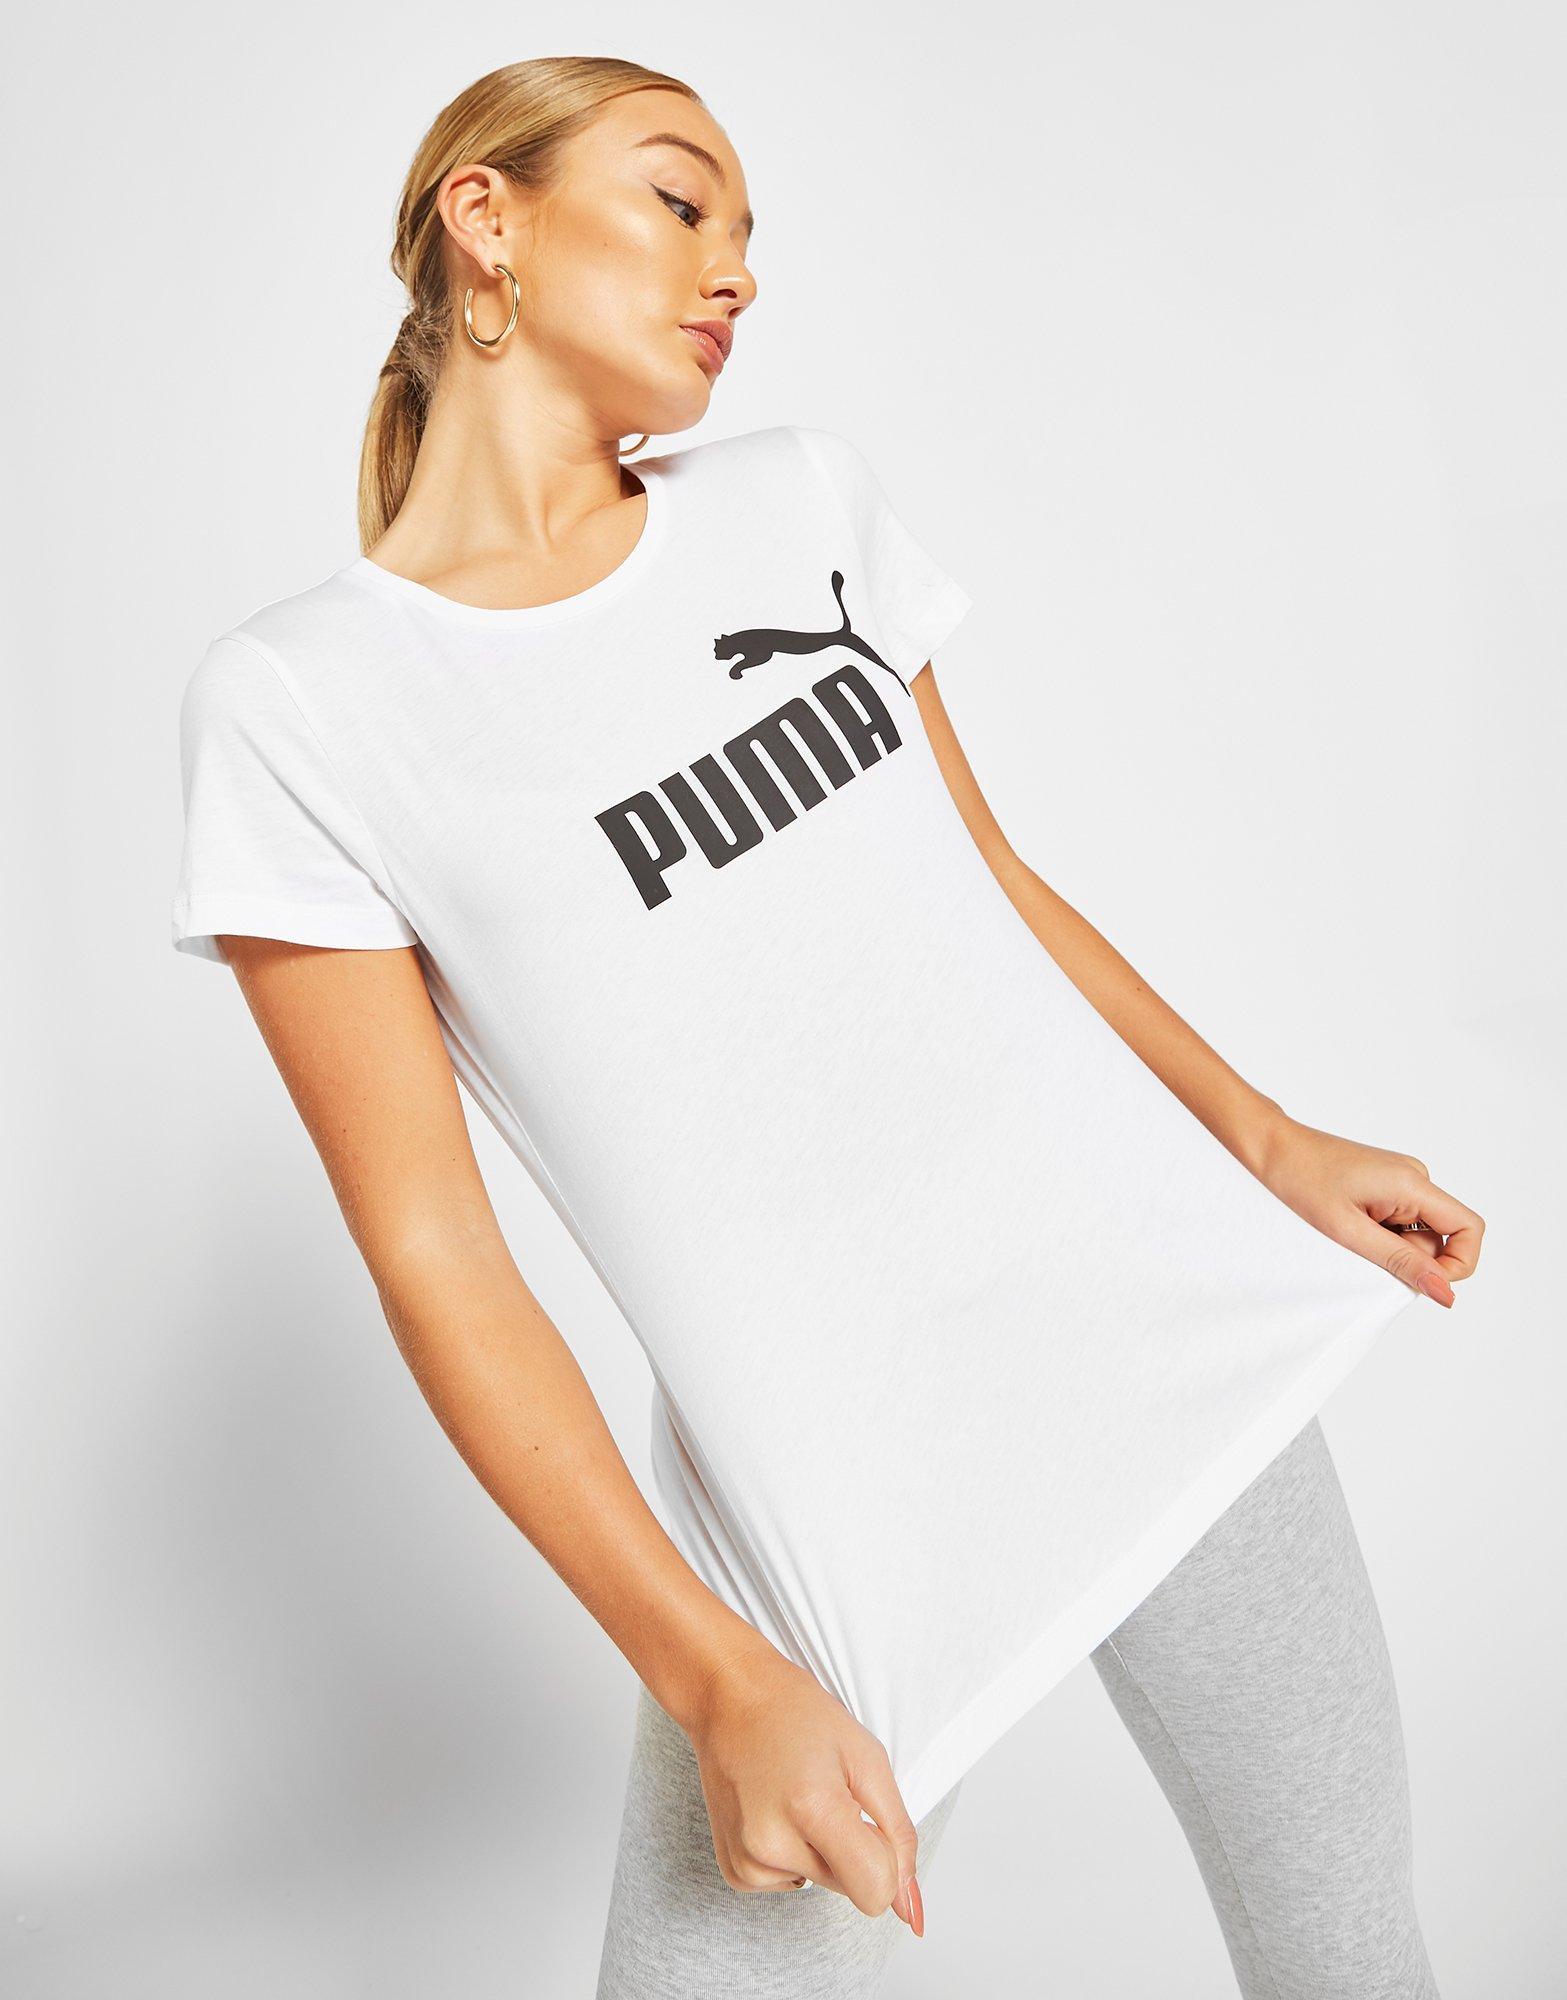 Detalles de Nuevo Puma para mujer Core Camiseta Blanco ver título original